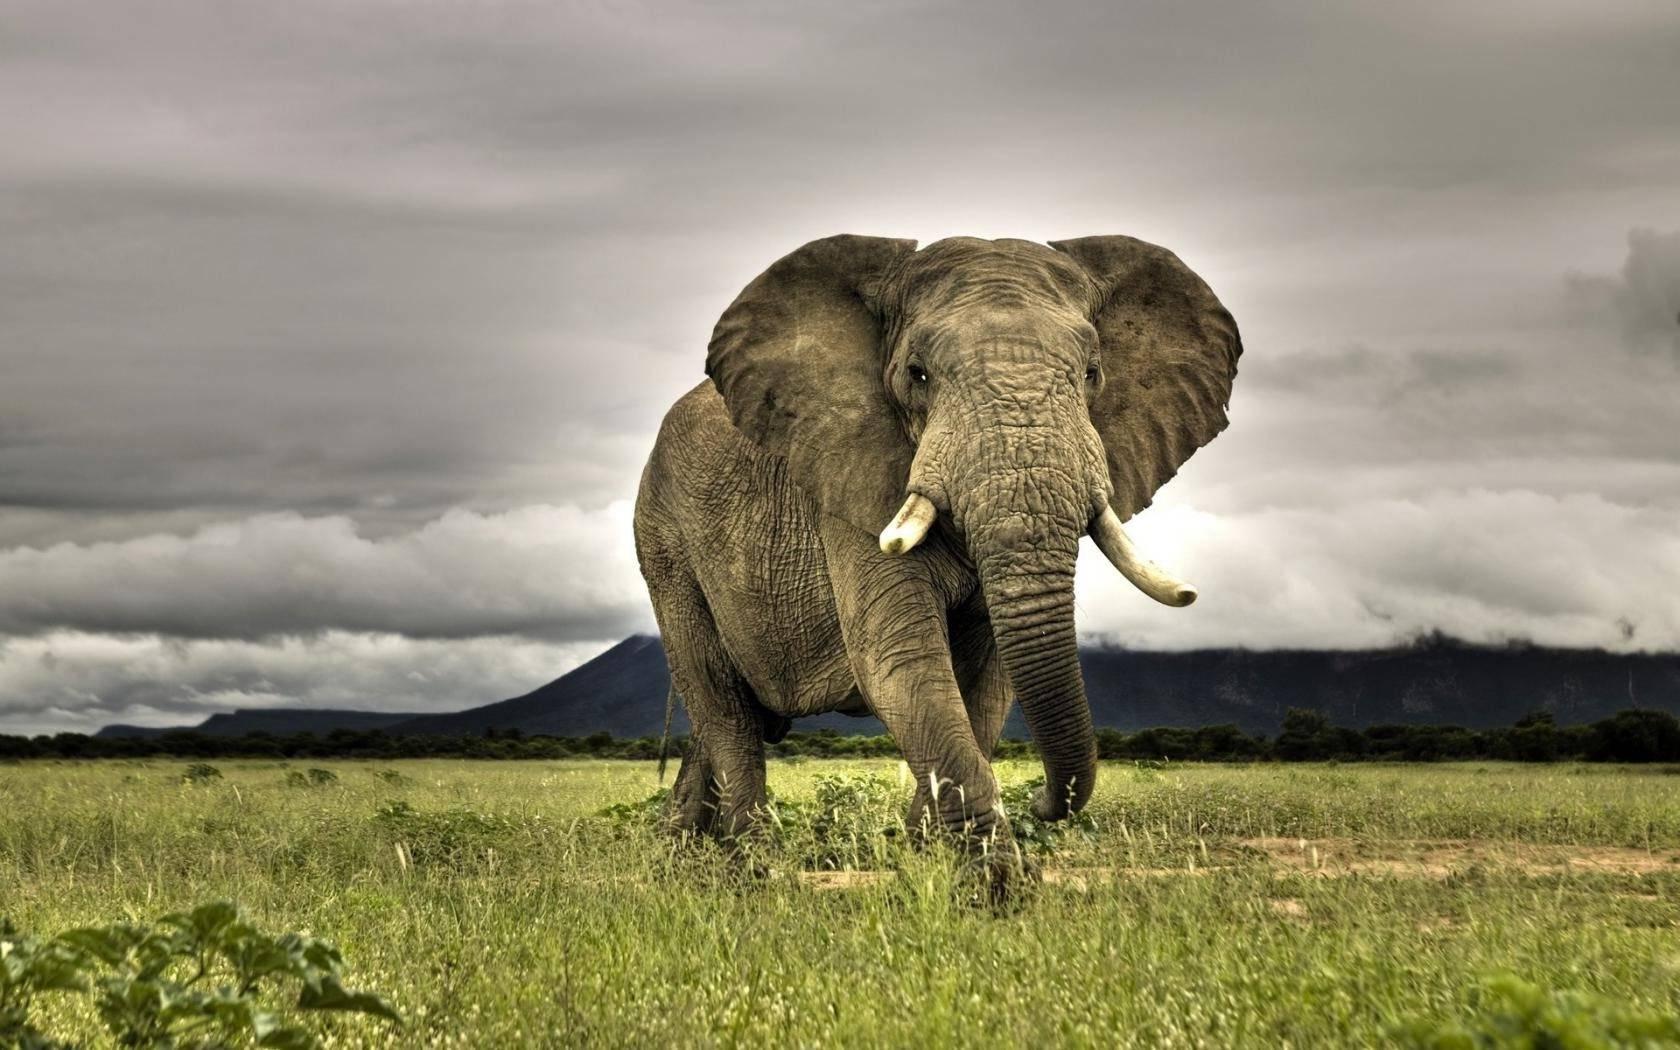 Как съесть слона по частям и подняться по спирали успеха